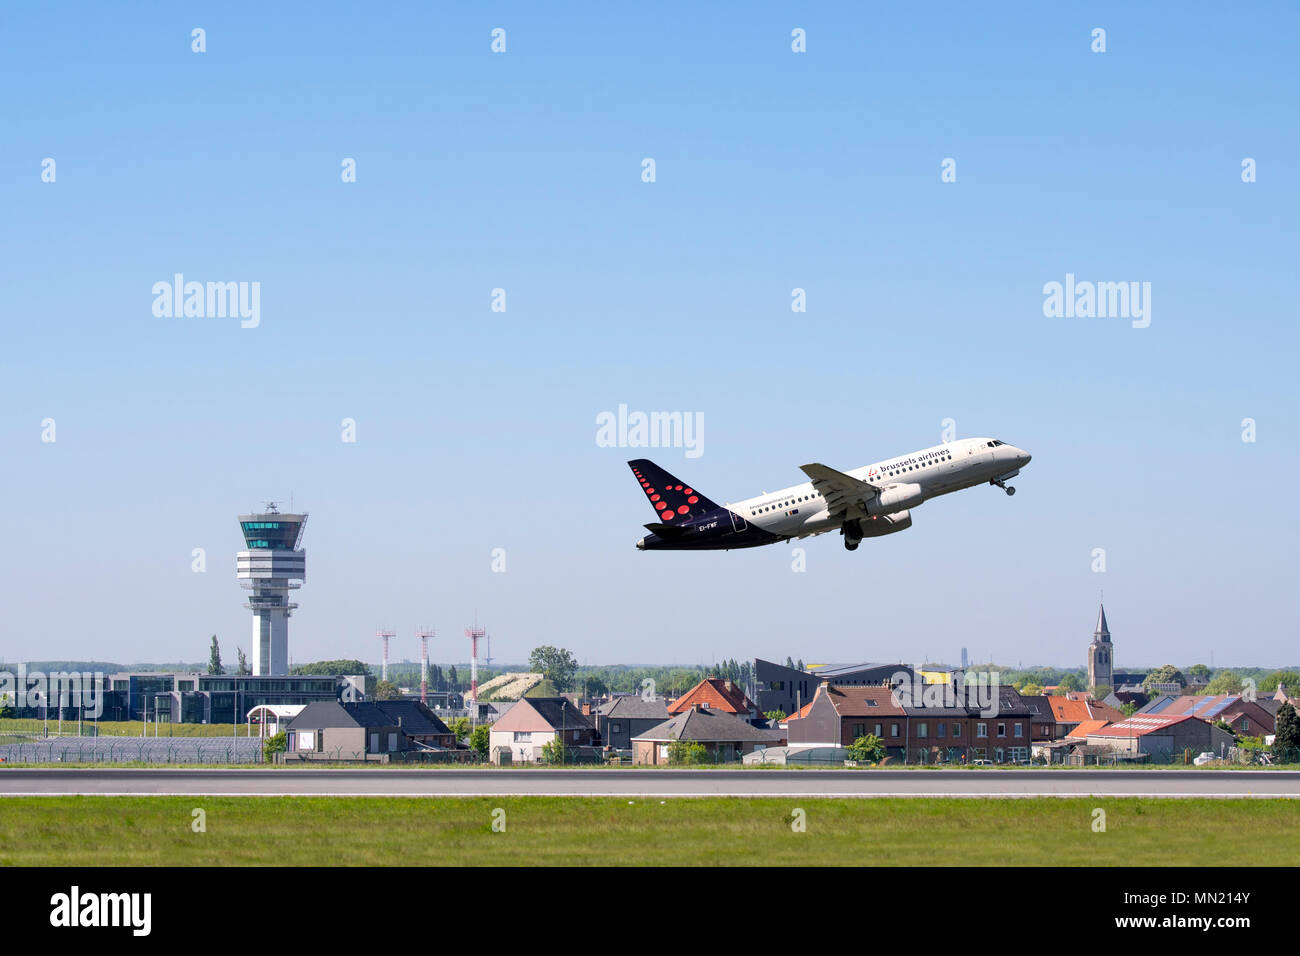 Tour de contrôle de l'aéroport de Bruxelles et le village de Steenokkerzeel derrière la piste de Brussels Airlines en avion est au décollage, Zaventem, Belgique Photo Stock